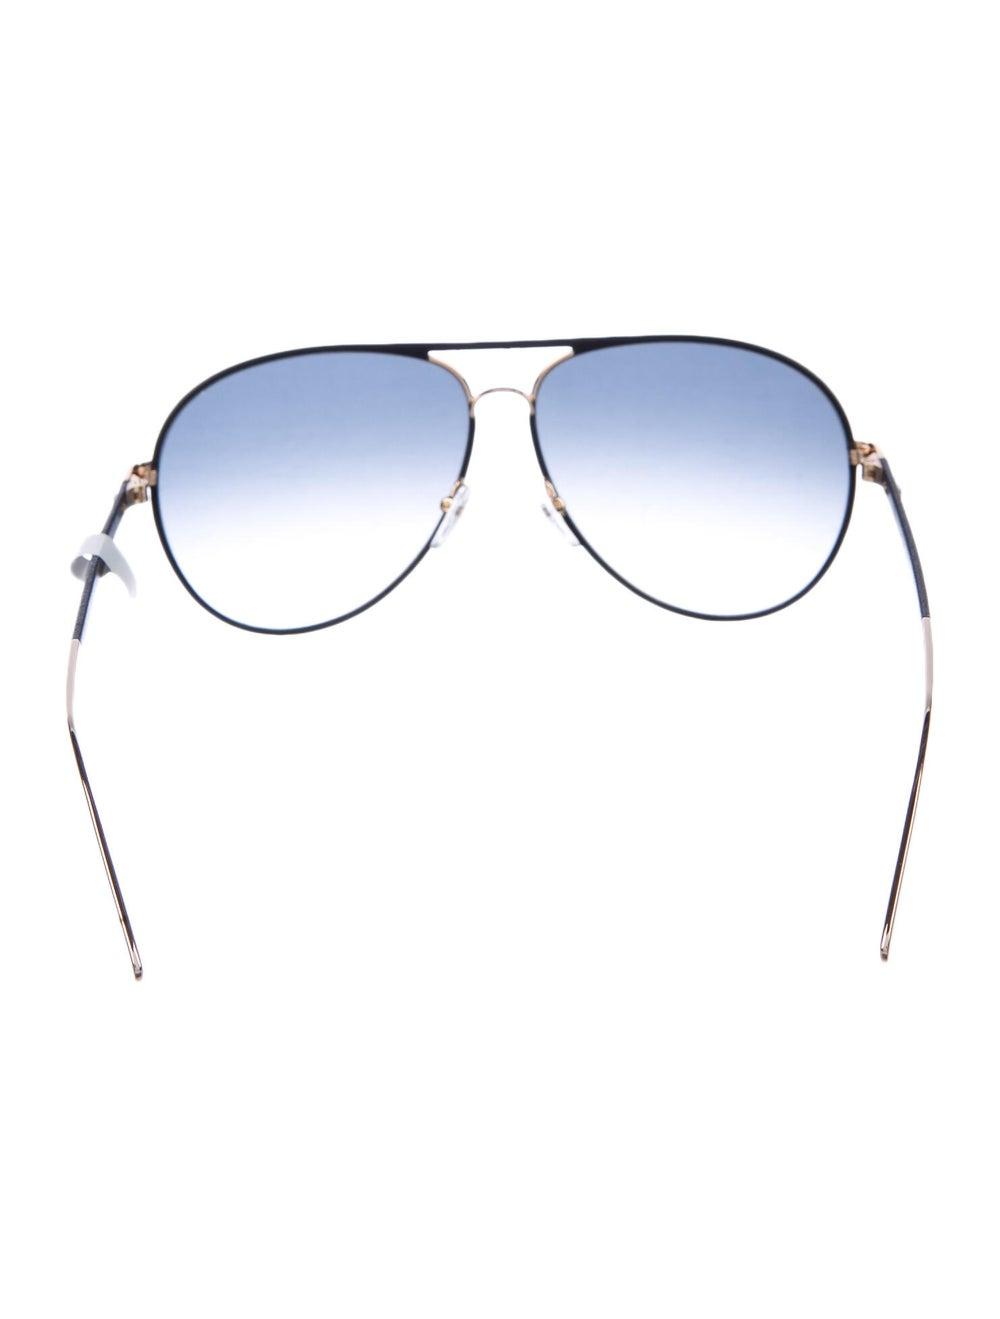 Salvatore Ferragamo Aviator Gradient Sunglasses B… - image 3